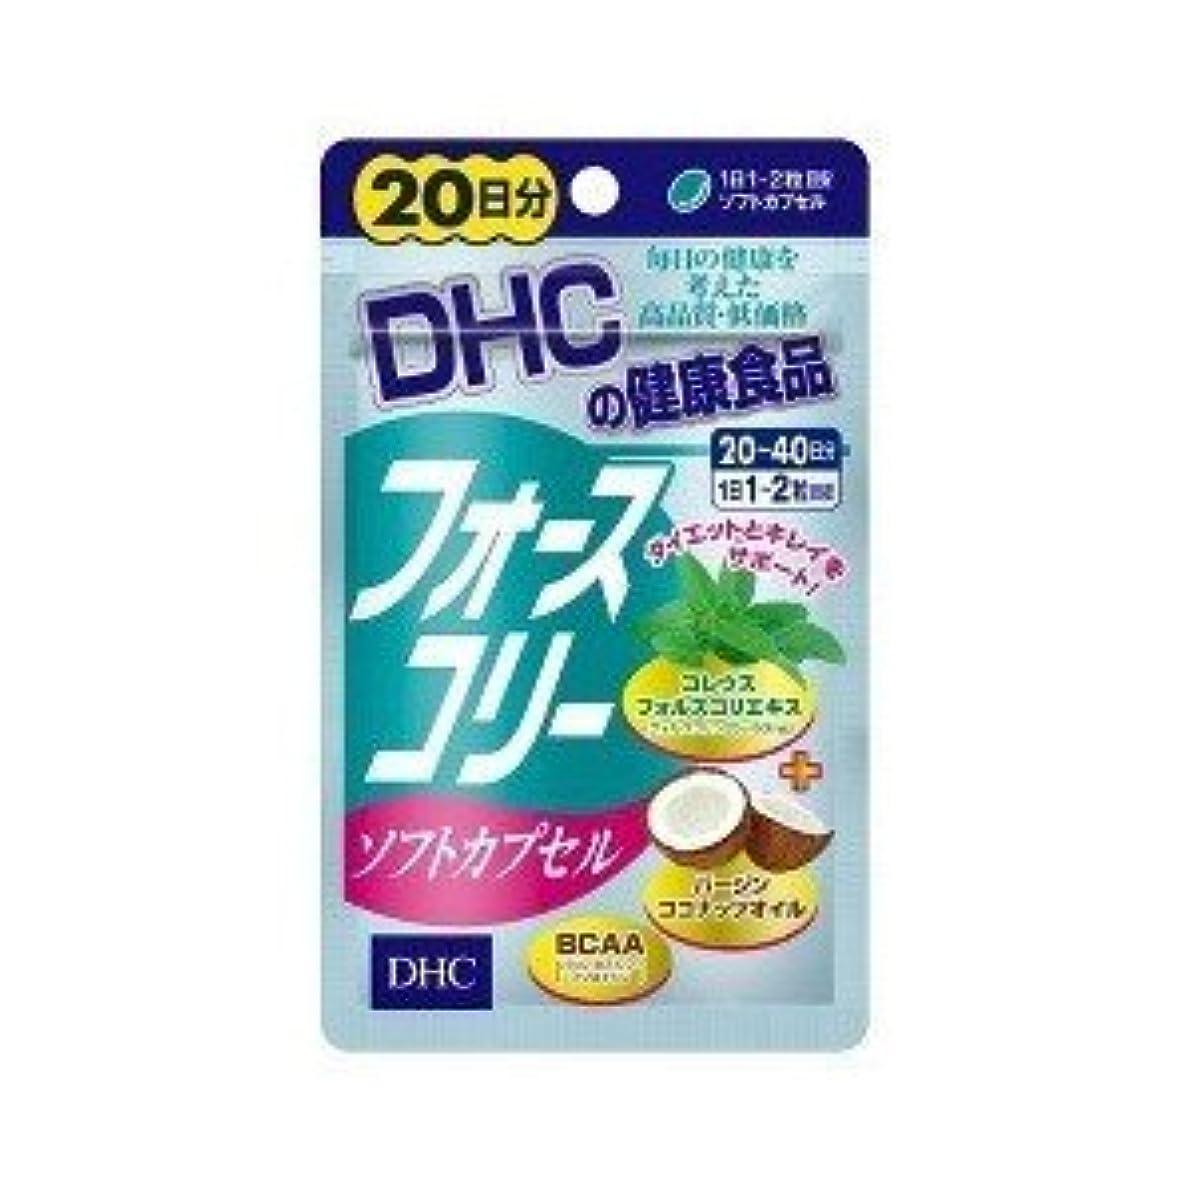 ティームバランス潜む(2017年春の新商品)DHC フォースコリー ソフトカプセル 20日分 40粒